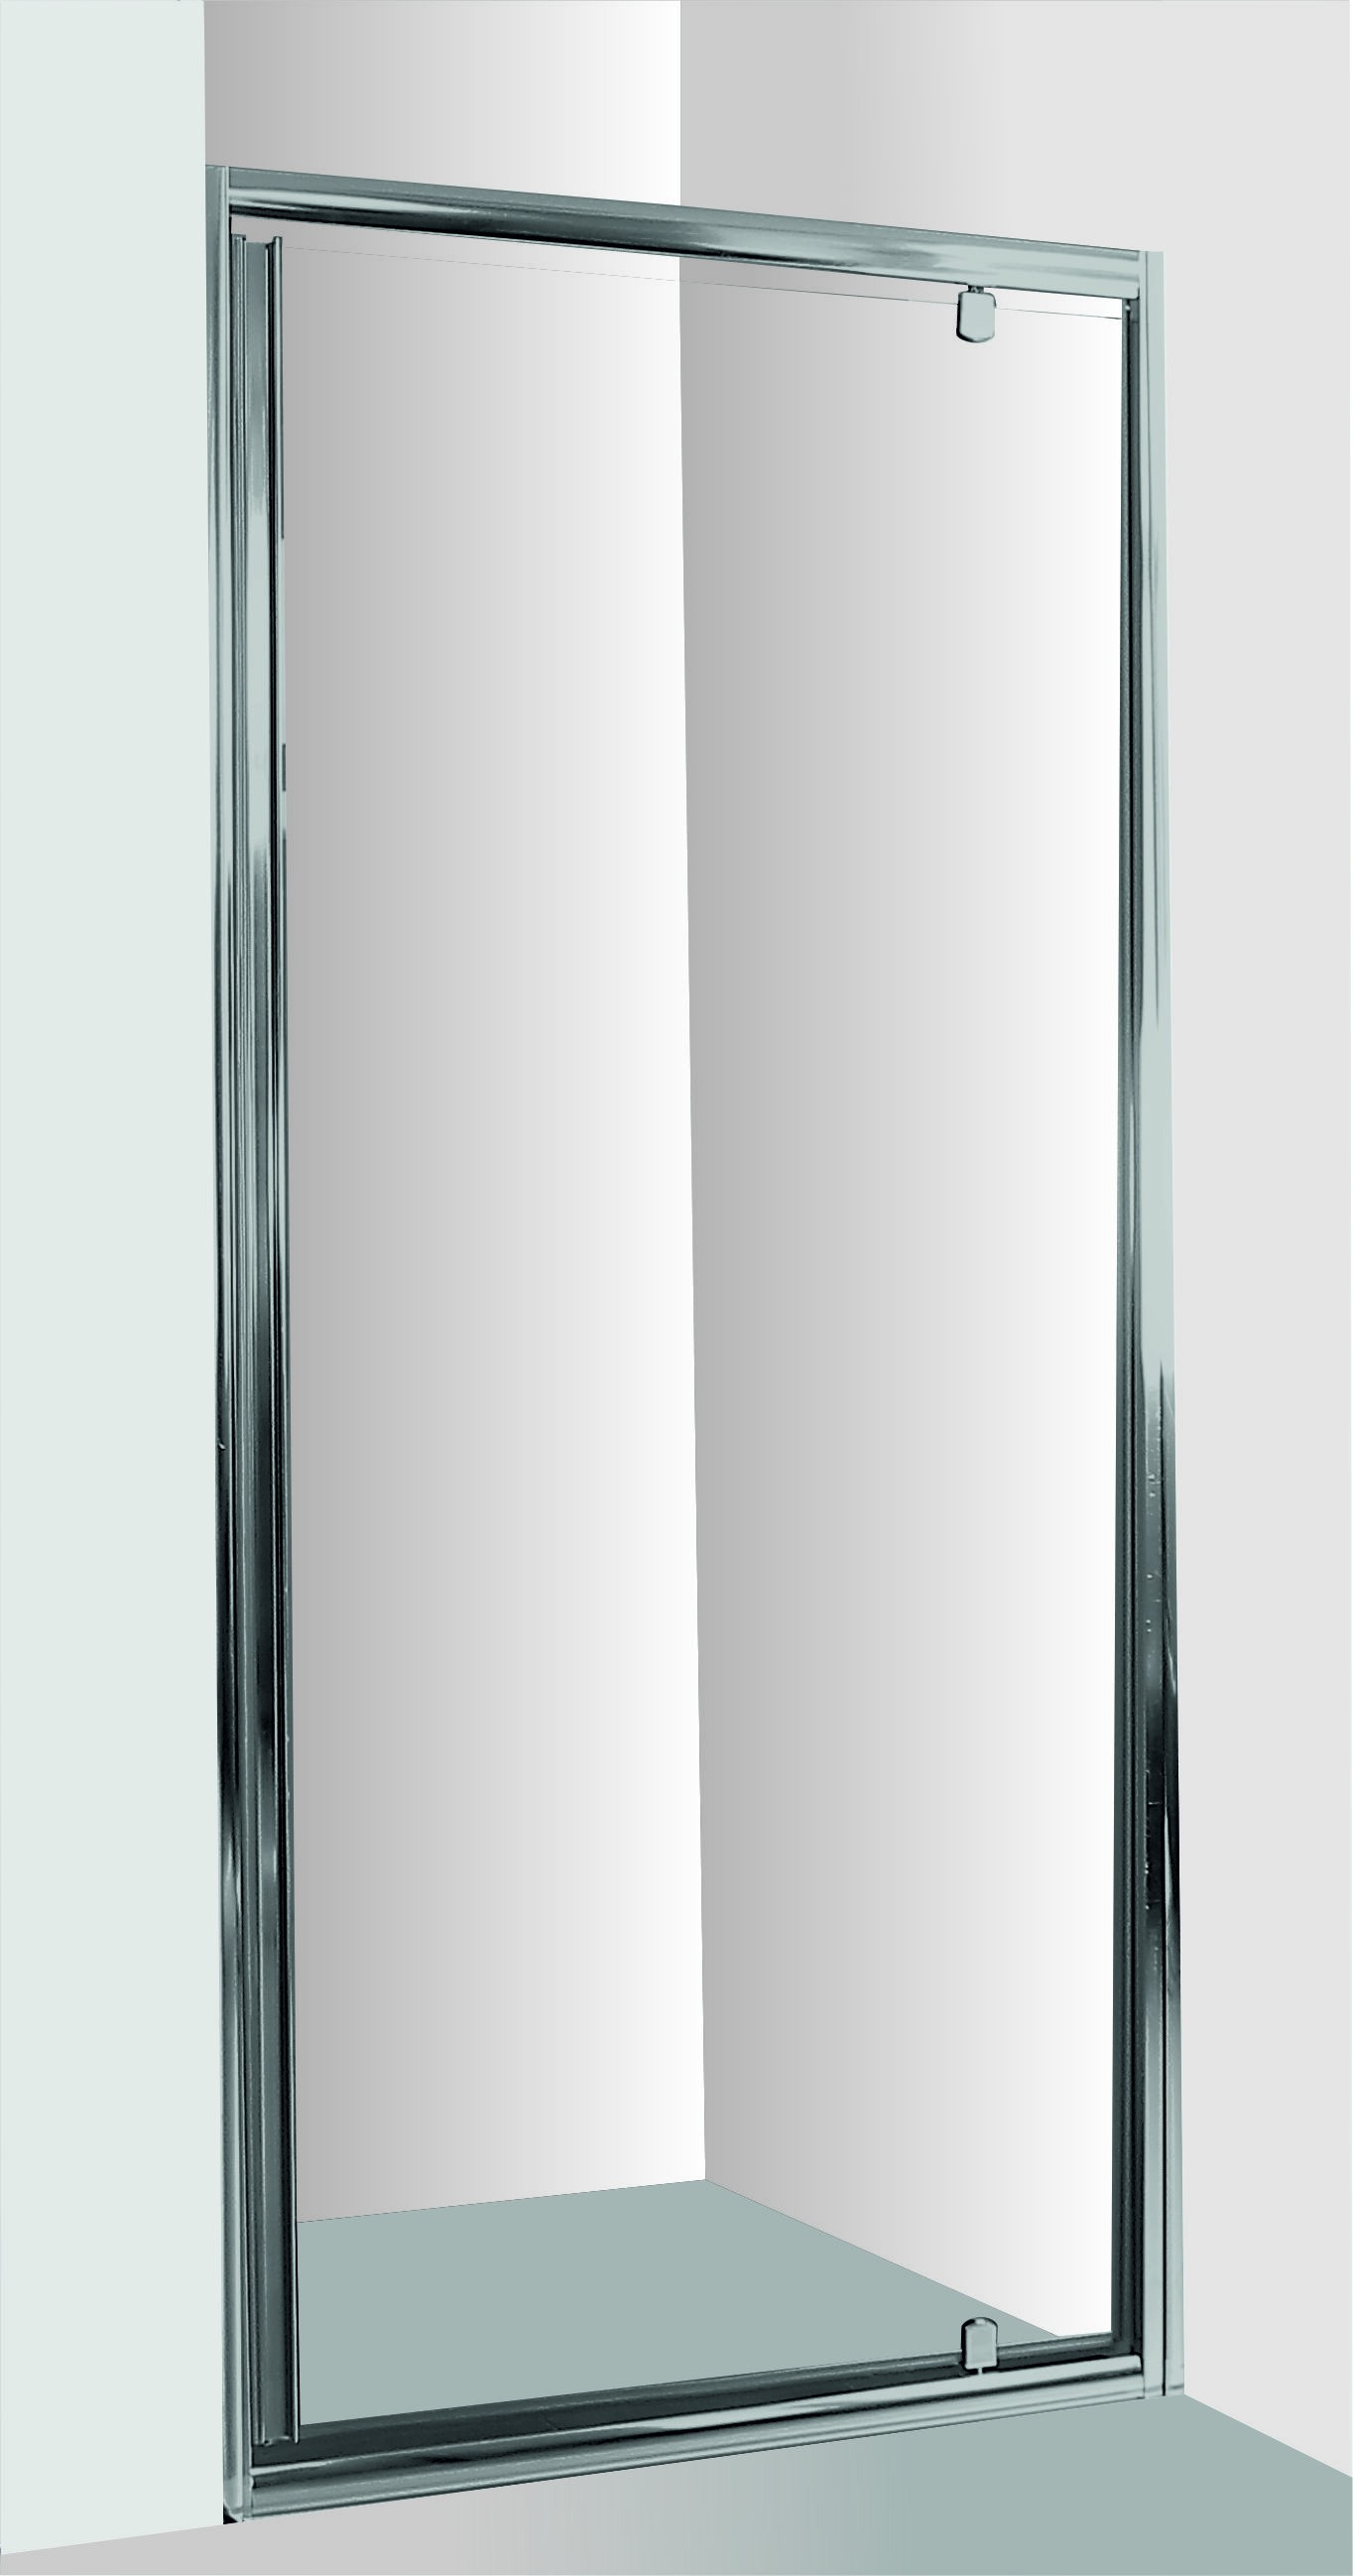 HOPA - Sprchové dvere do niky SMART - alarm - Farba rámu zásteny - Hliník chróm, Rozmer A - 100 cm, Smer zatváranie - Univerzálny Ľavé / Pravé, Výplň - Číre bezpečnostné sklo - 6 mm OLBALA100CCBV